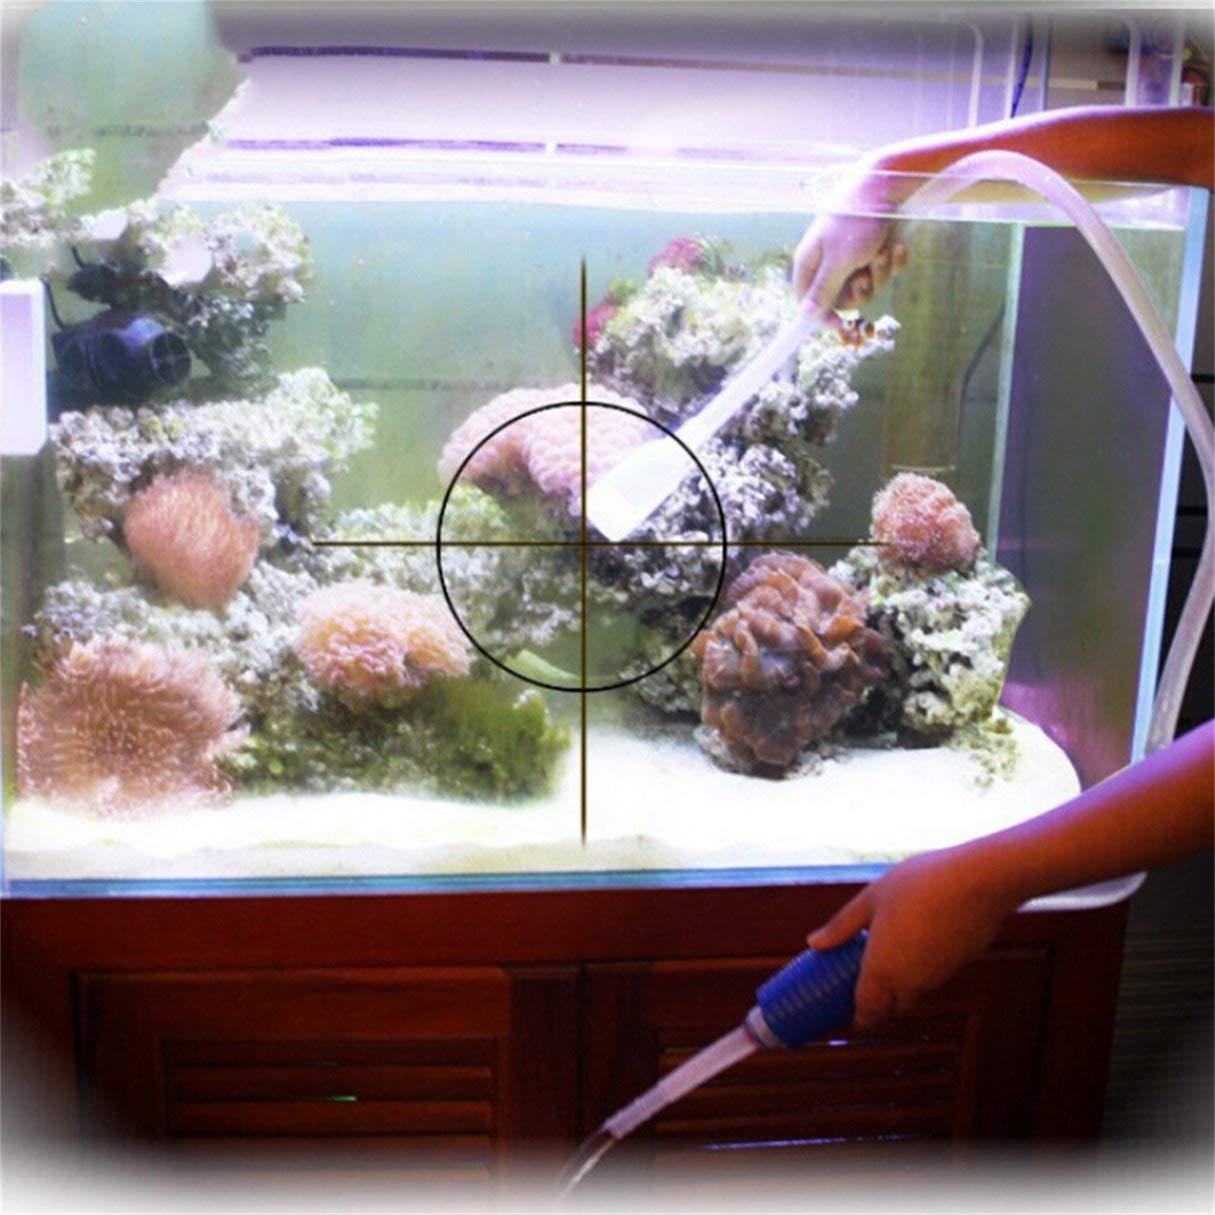 Accesorios para la limpieza del acuario, Limpiador universal para cachimba, Acuario Limpiador de grava para acuario, Filtro de agua, Limpiador de grava ...